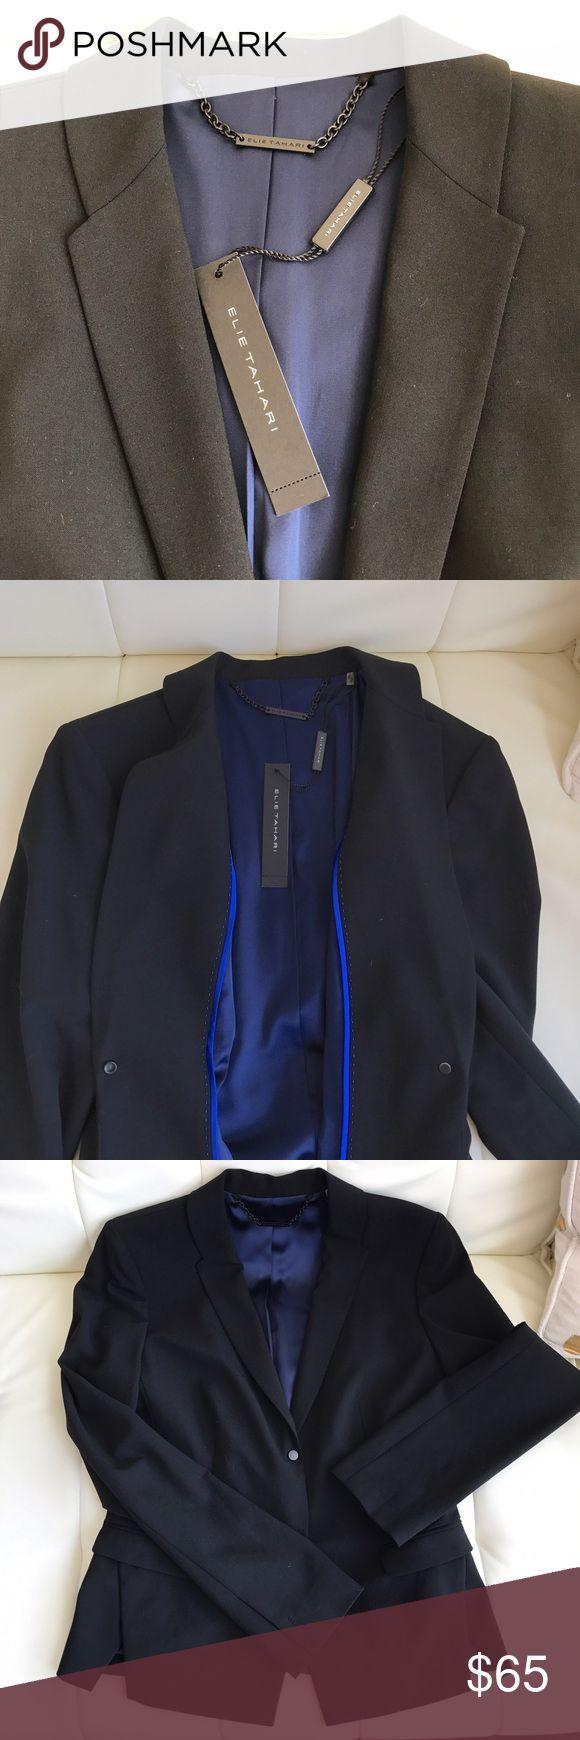 Elie Tahari women's suit jacket blazer Women's black suit jacket. Virgin wool shell. Navy lining. Elie Tahari Jackets & Coats Blazers